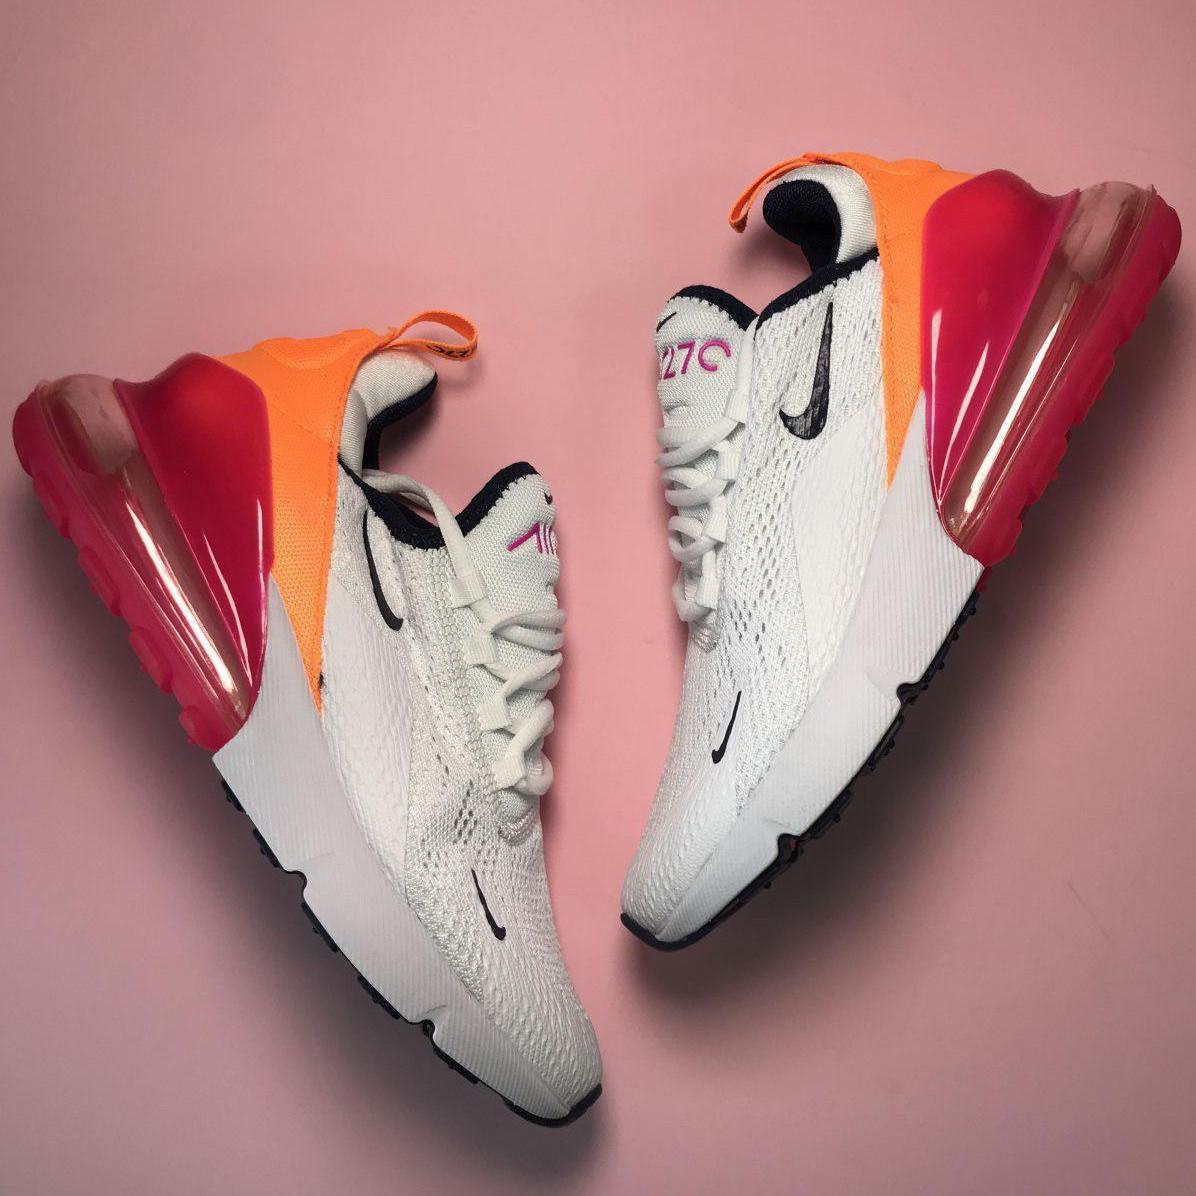 Кроссовки женские Nike Air Max 270 белые-красные-оранжевые (Top replic)